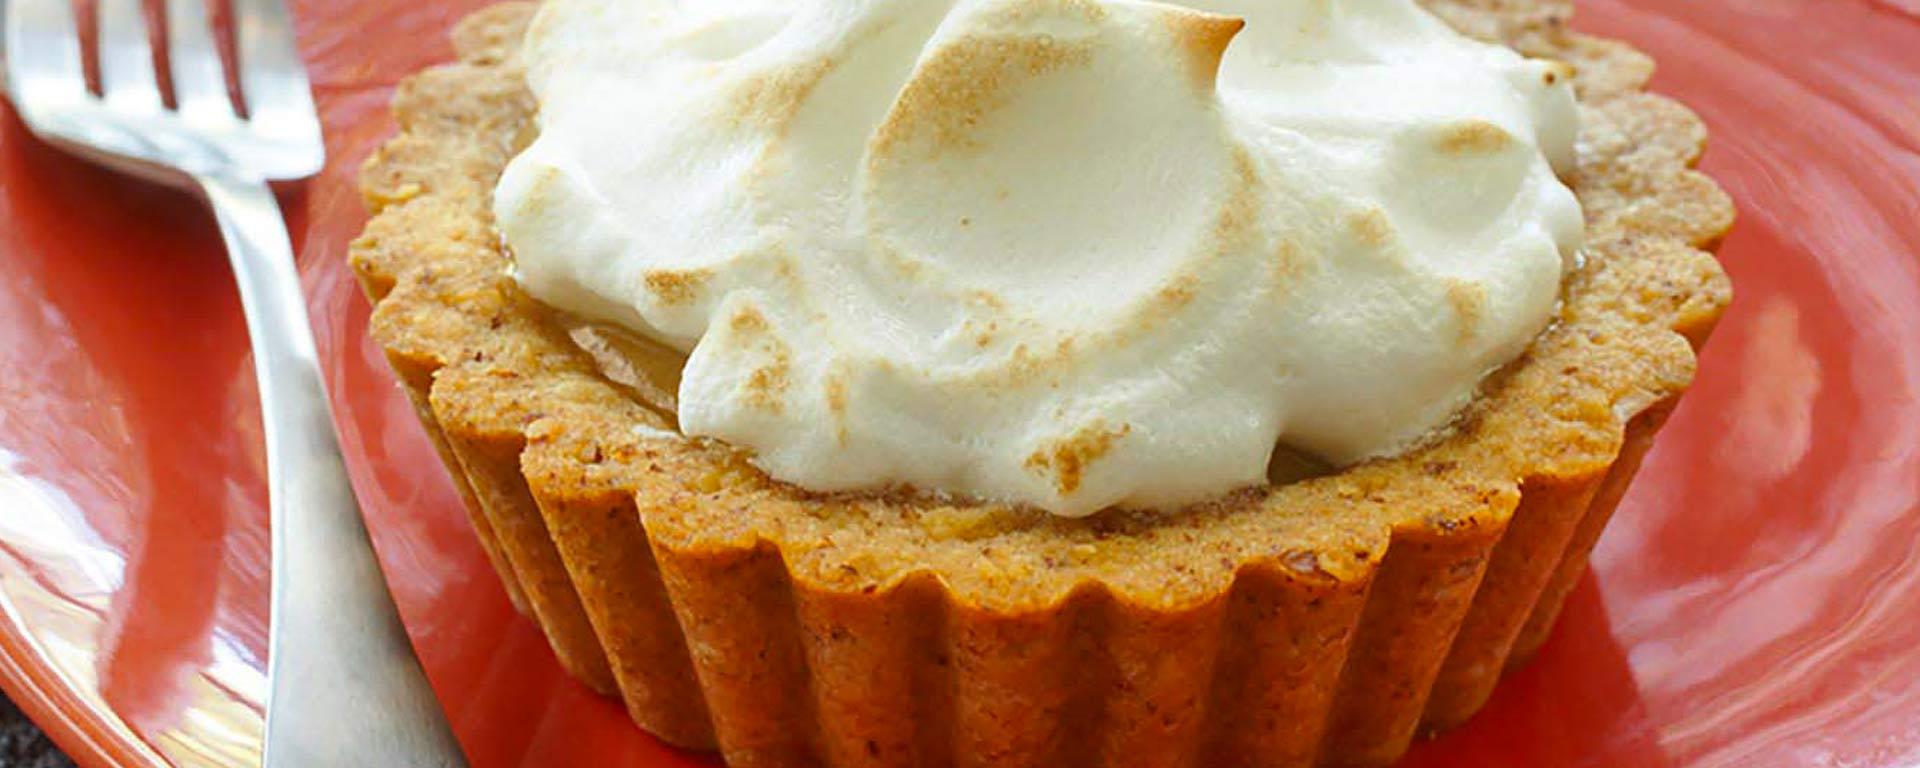 Photo for - Pecan Mini Butterscotch Meringue Shortbread Pies